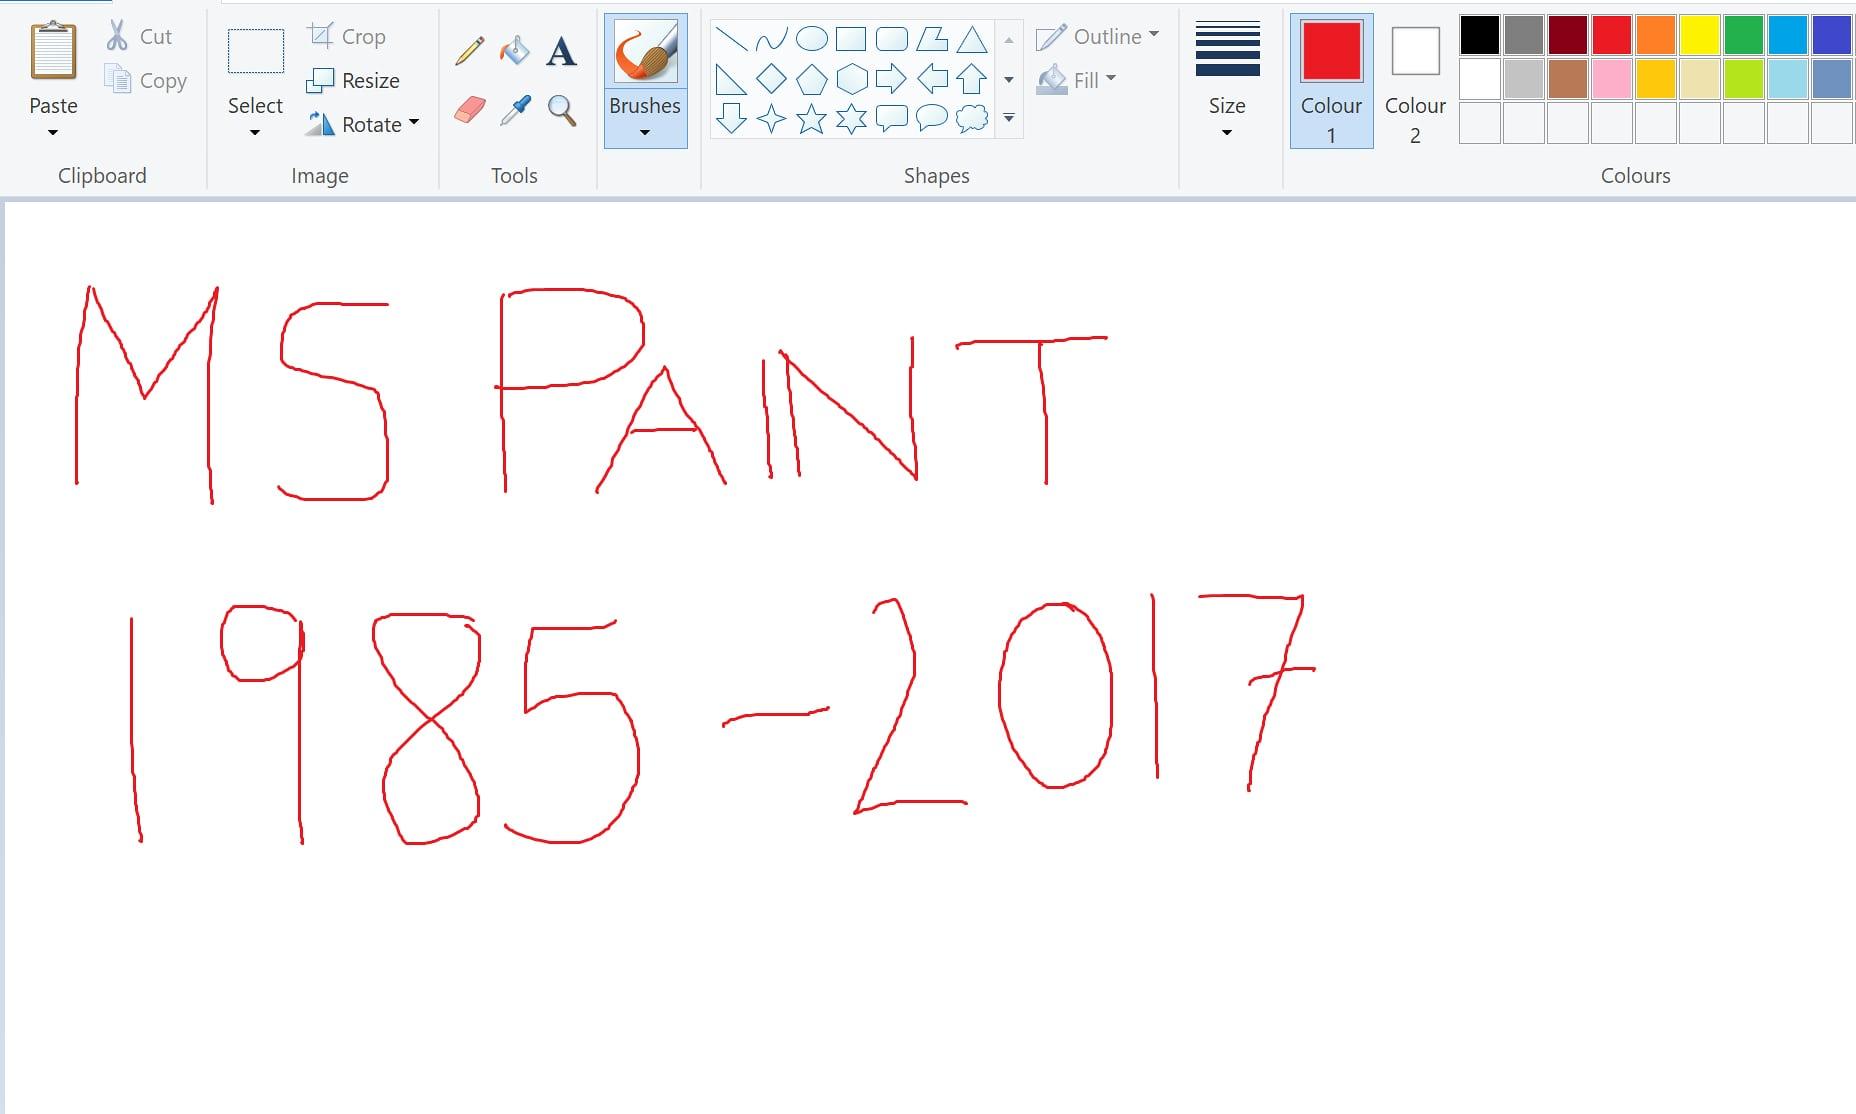 مايكروسوفت تنهي  برنامج الرسام بعد 32 سنة خدمة